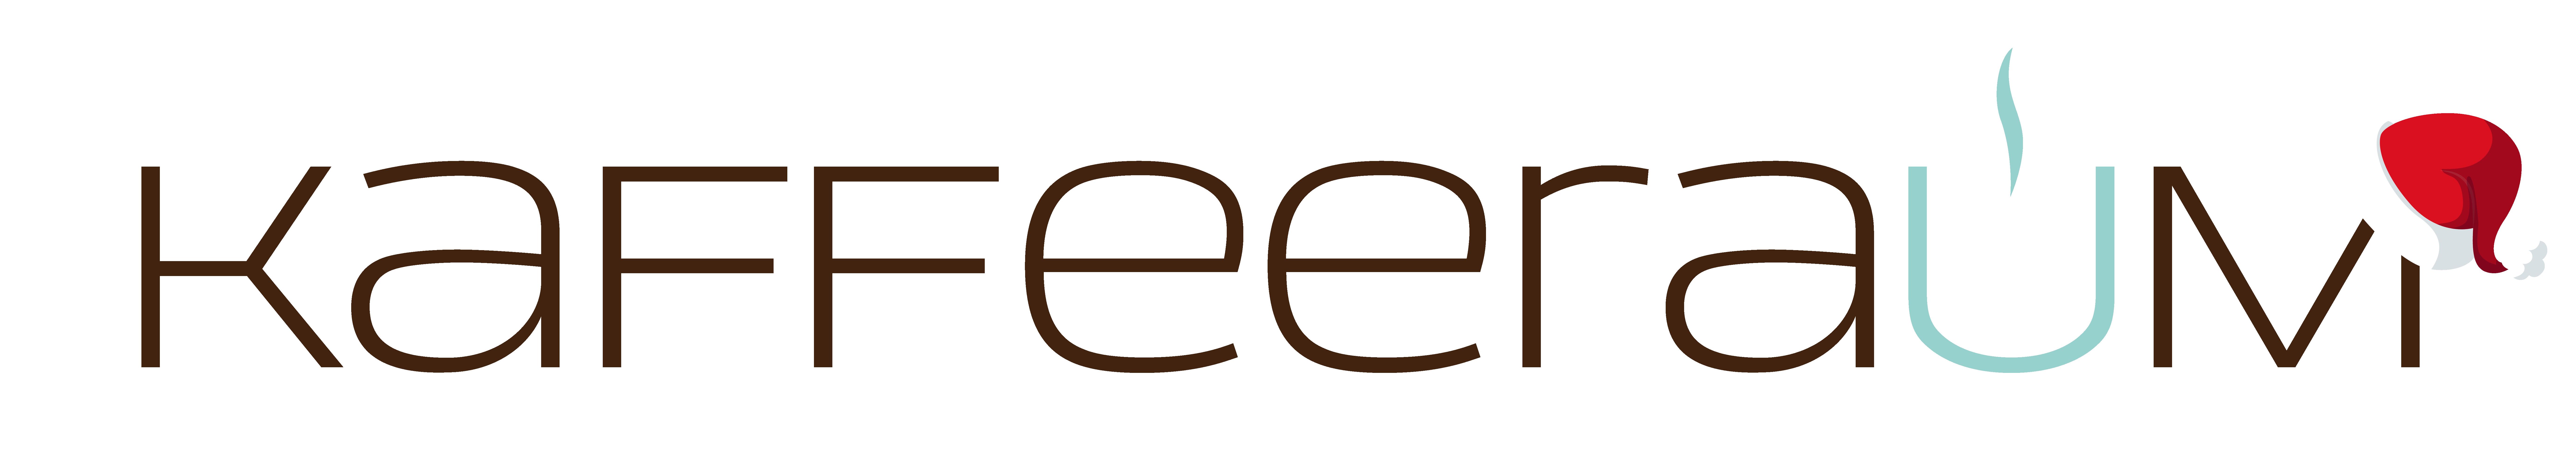 Siebträgermaschine | Kaufberatung & Reparaturservice bei KAFFEERAUM - zur Startseite wechseln